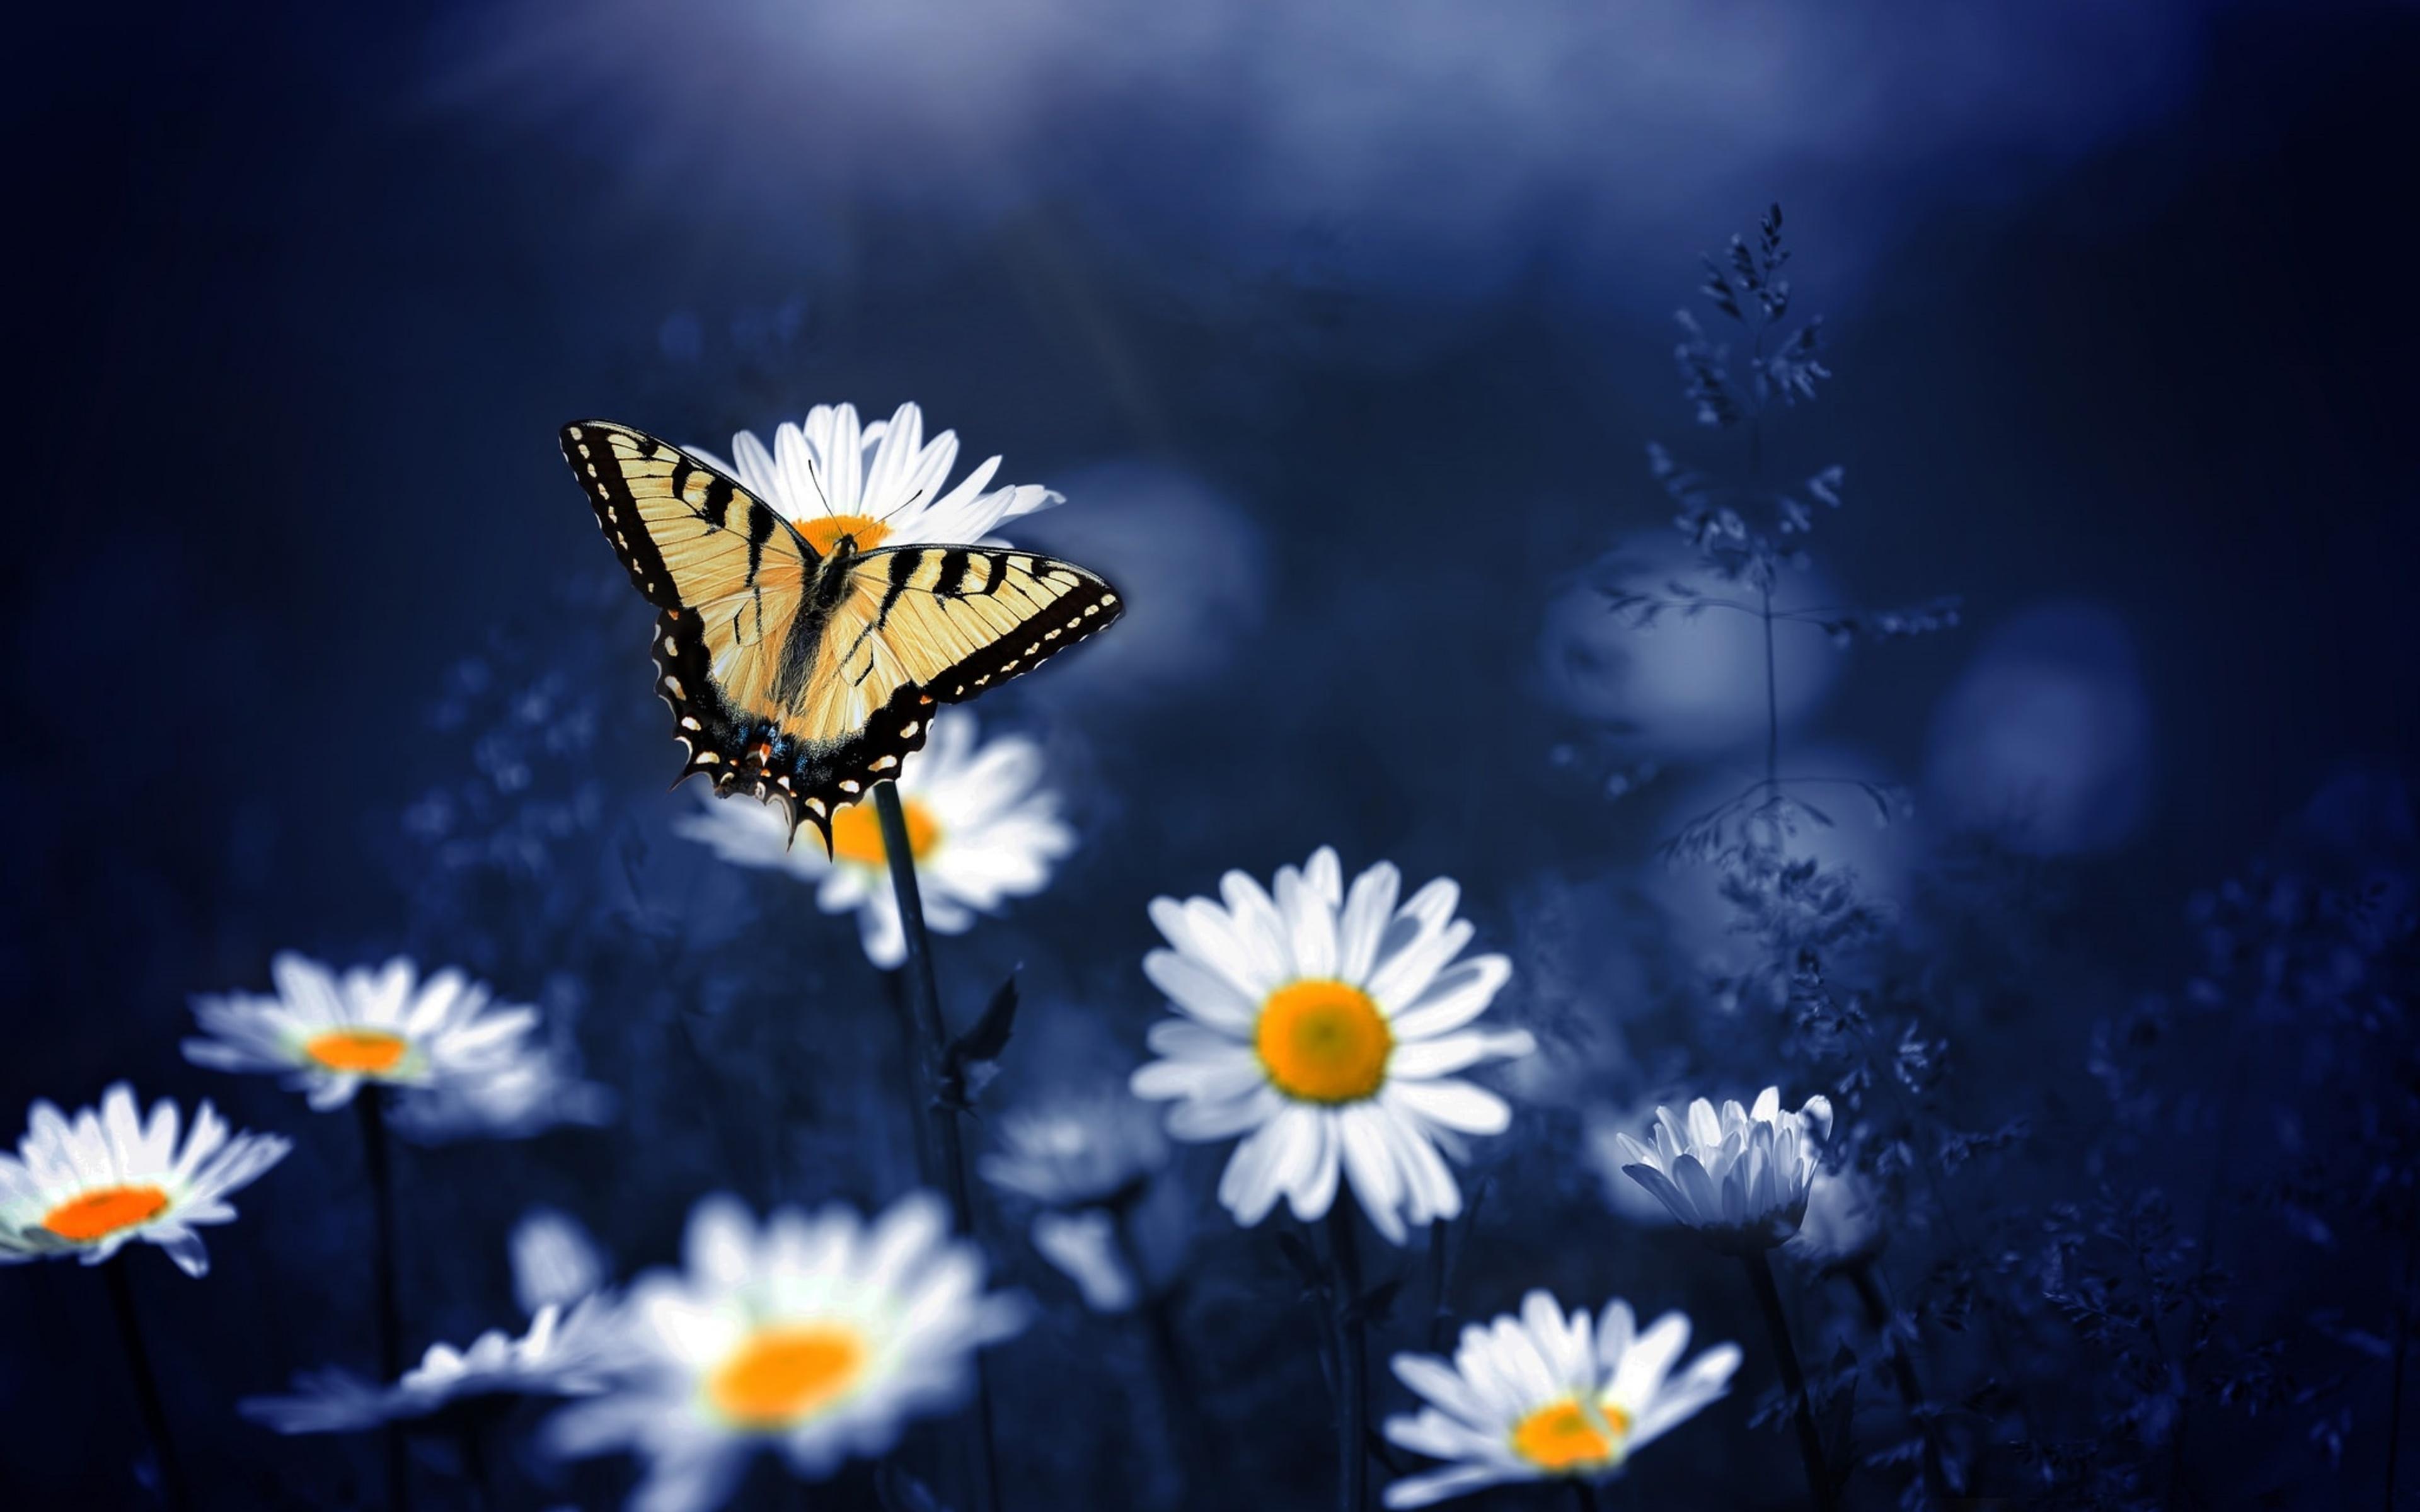 butterfly-on-flowers-8k.jpg